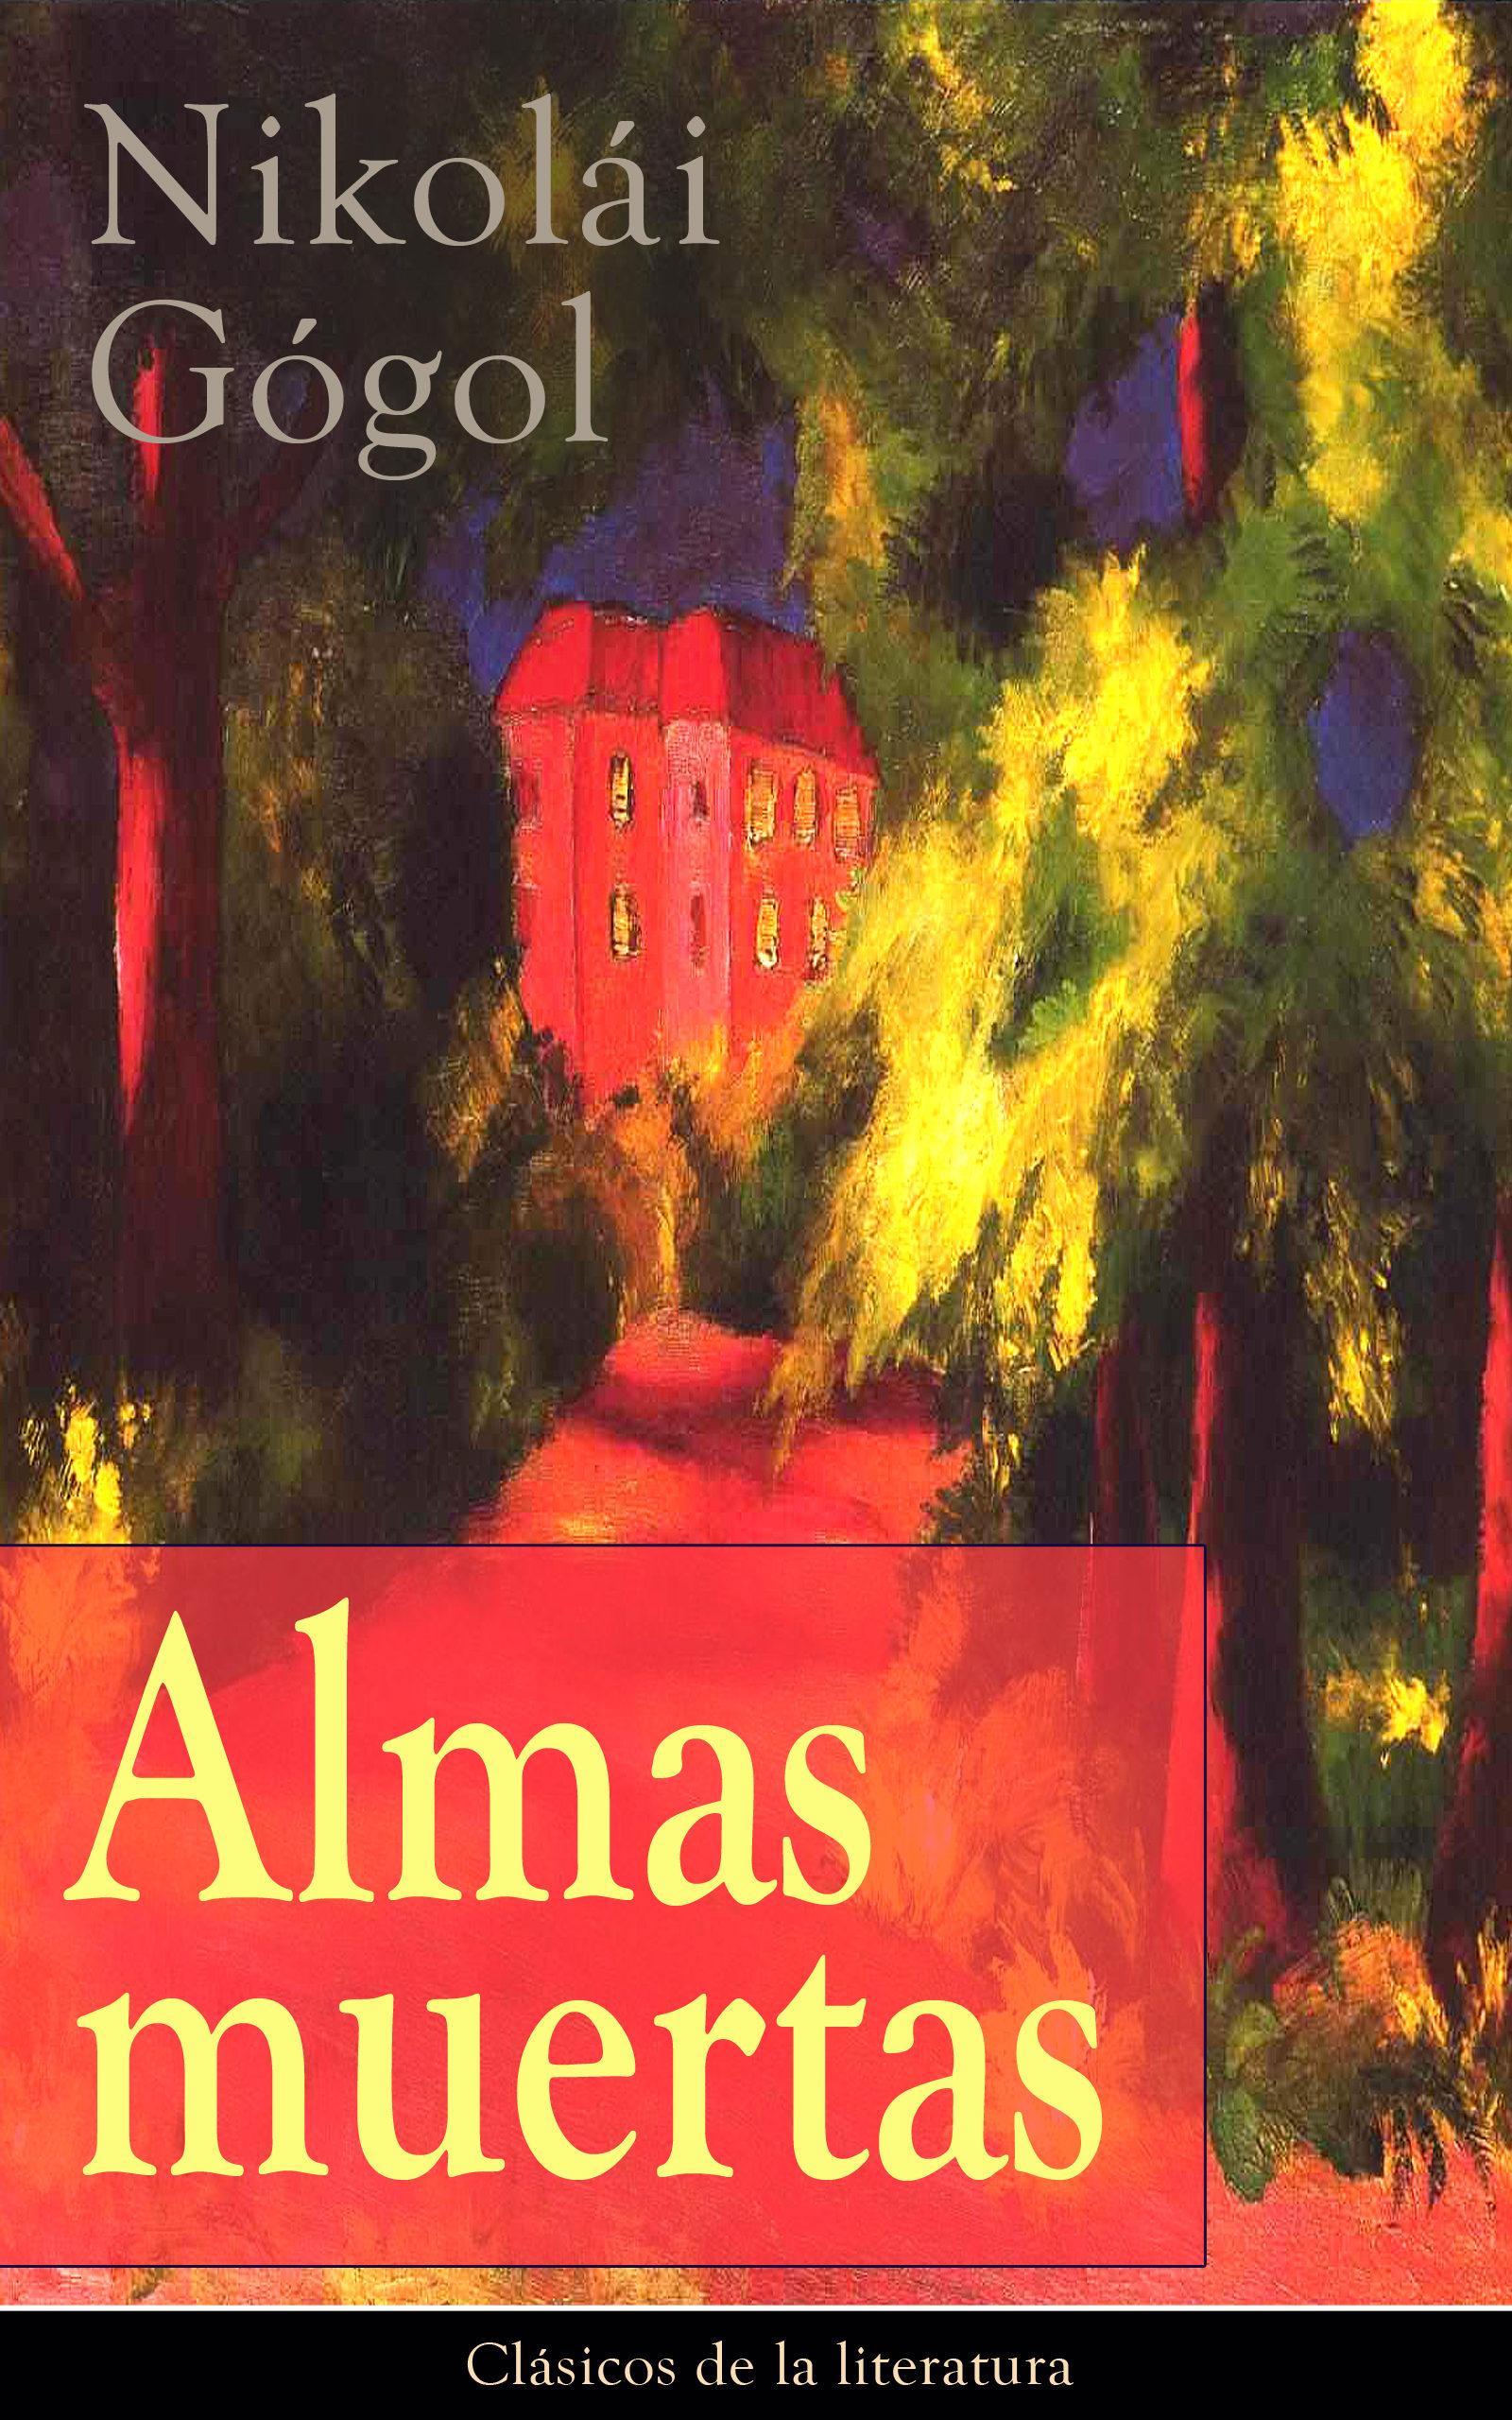 Almas muertas: Clásicos de la literatura